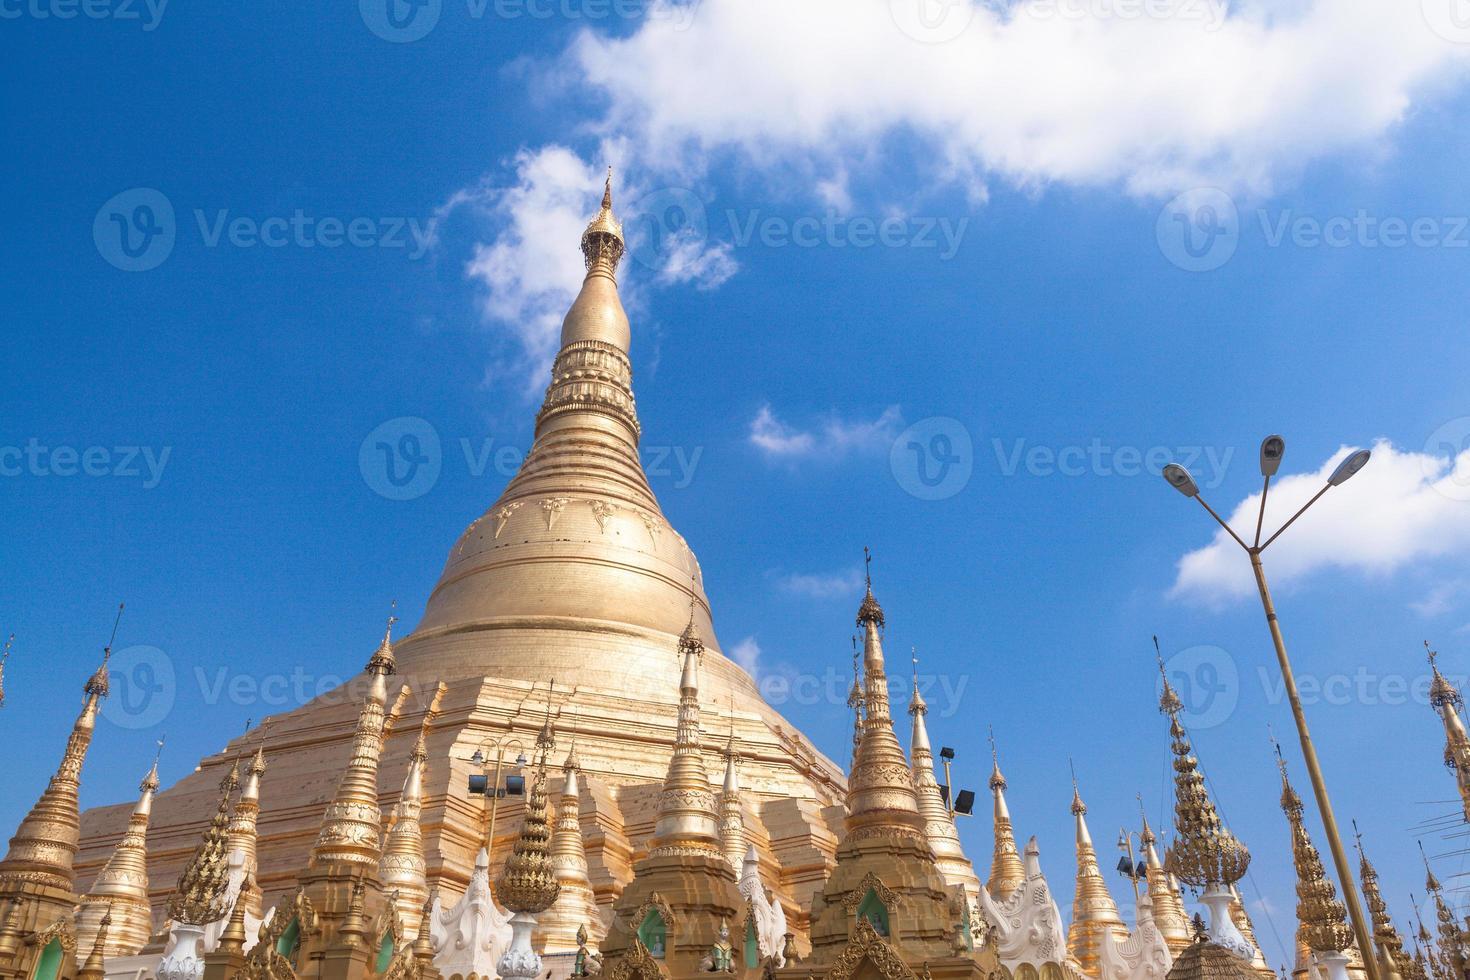 Shwedagon pagoda in Yangon, Burma (Myanmar) photo